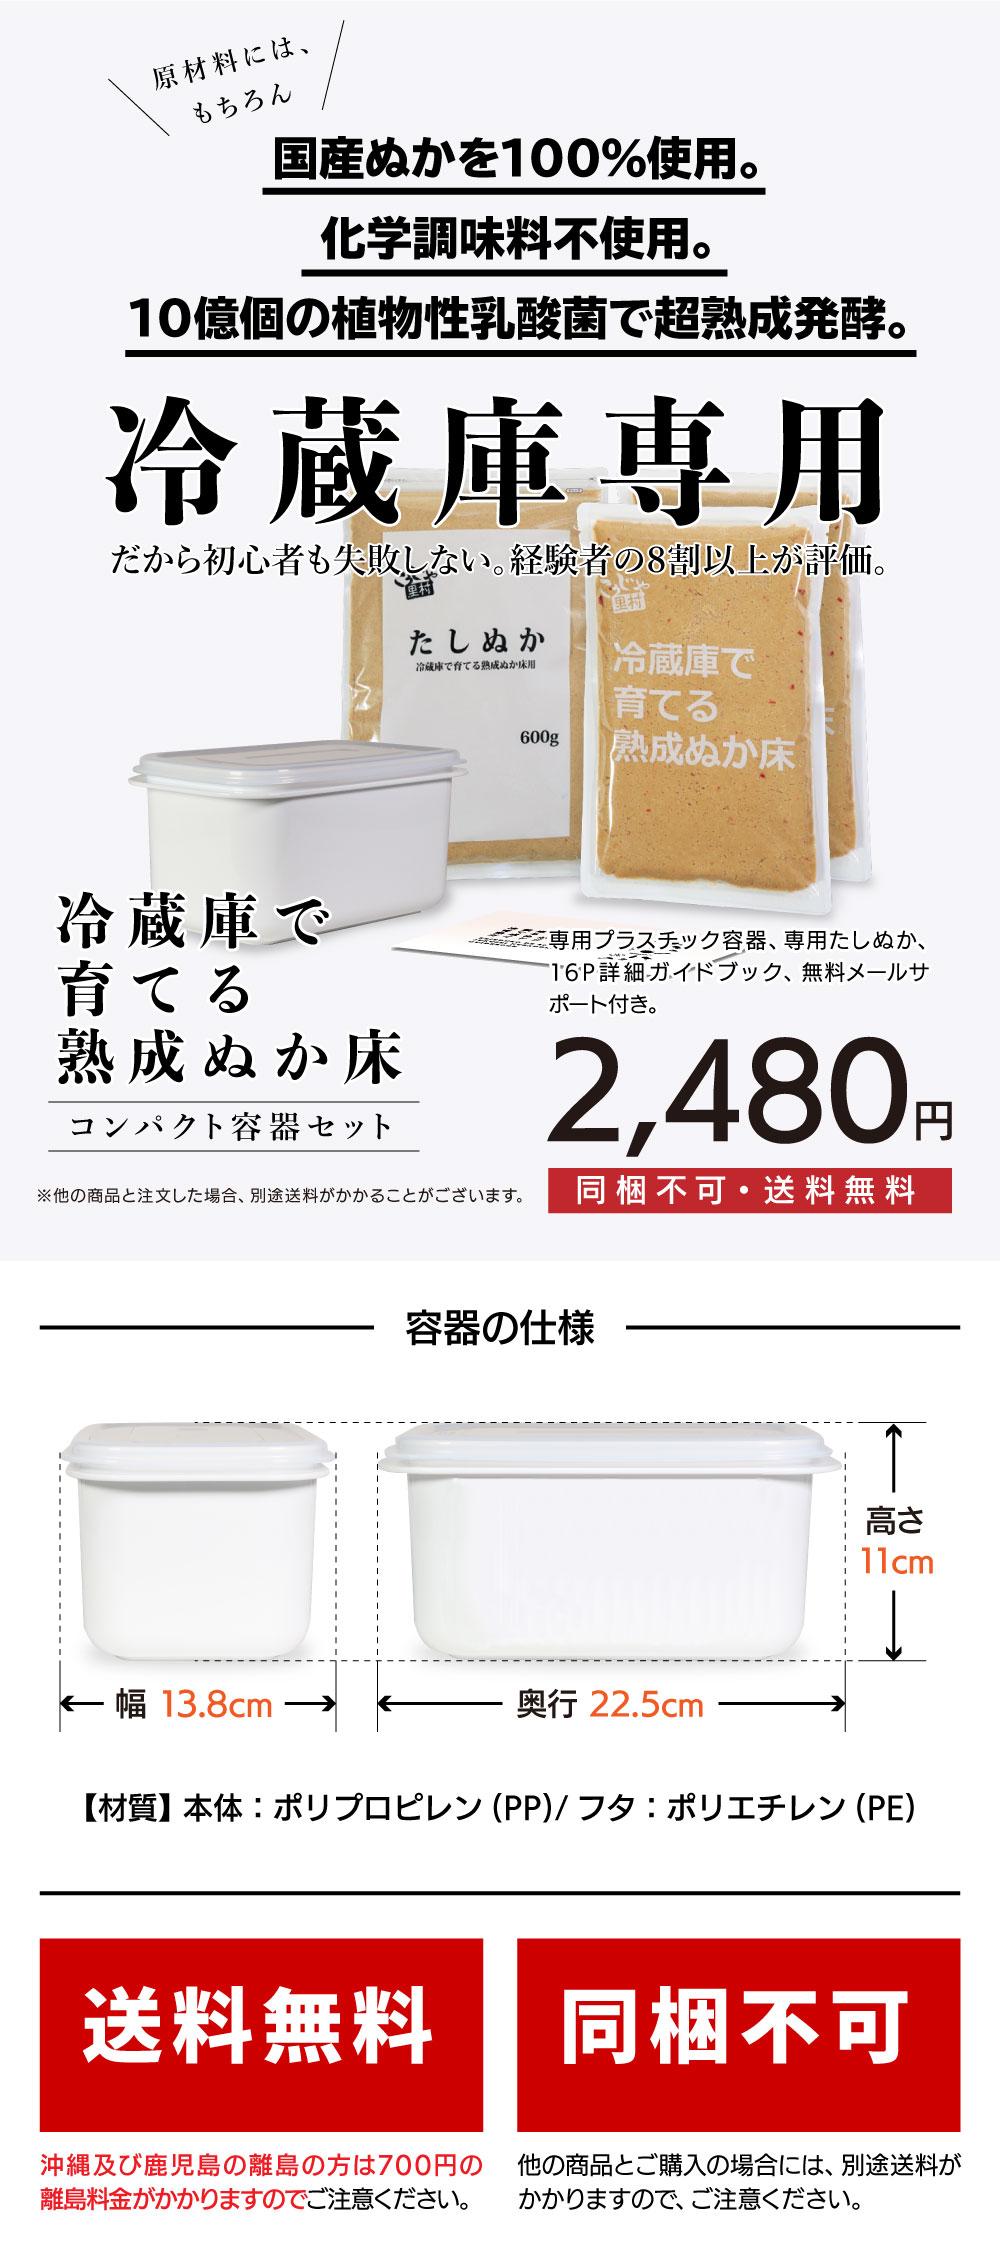 冷蔵庫専用|冷蔵庫で育てる熟成ぬか床 コンパクト容器付セット|2,480円 送料無料・同梱不可